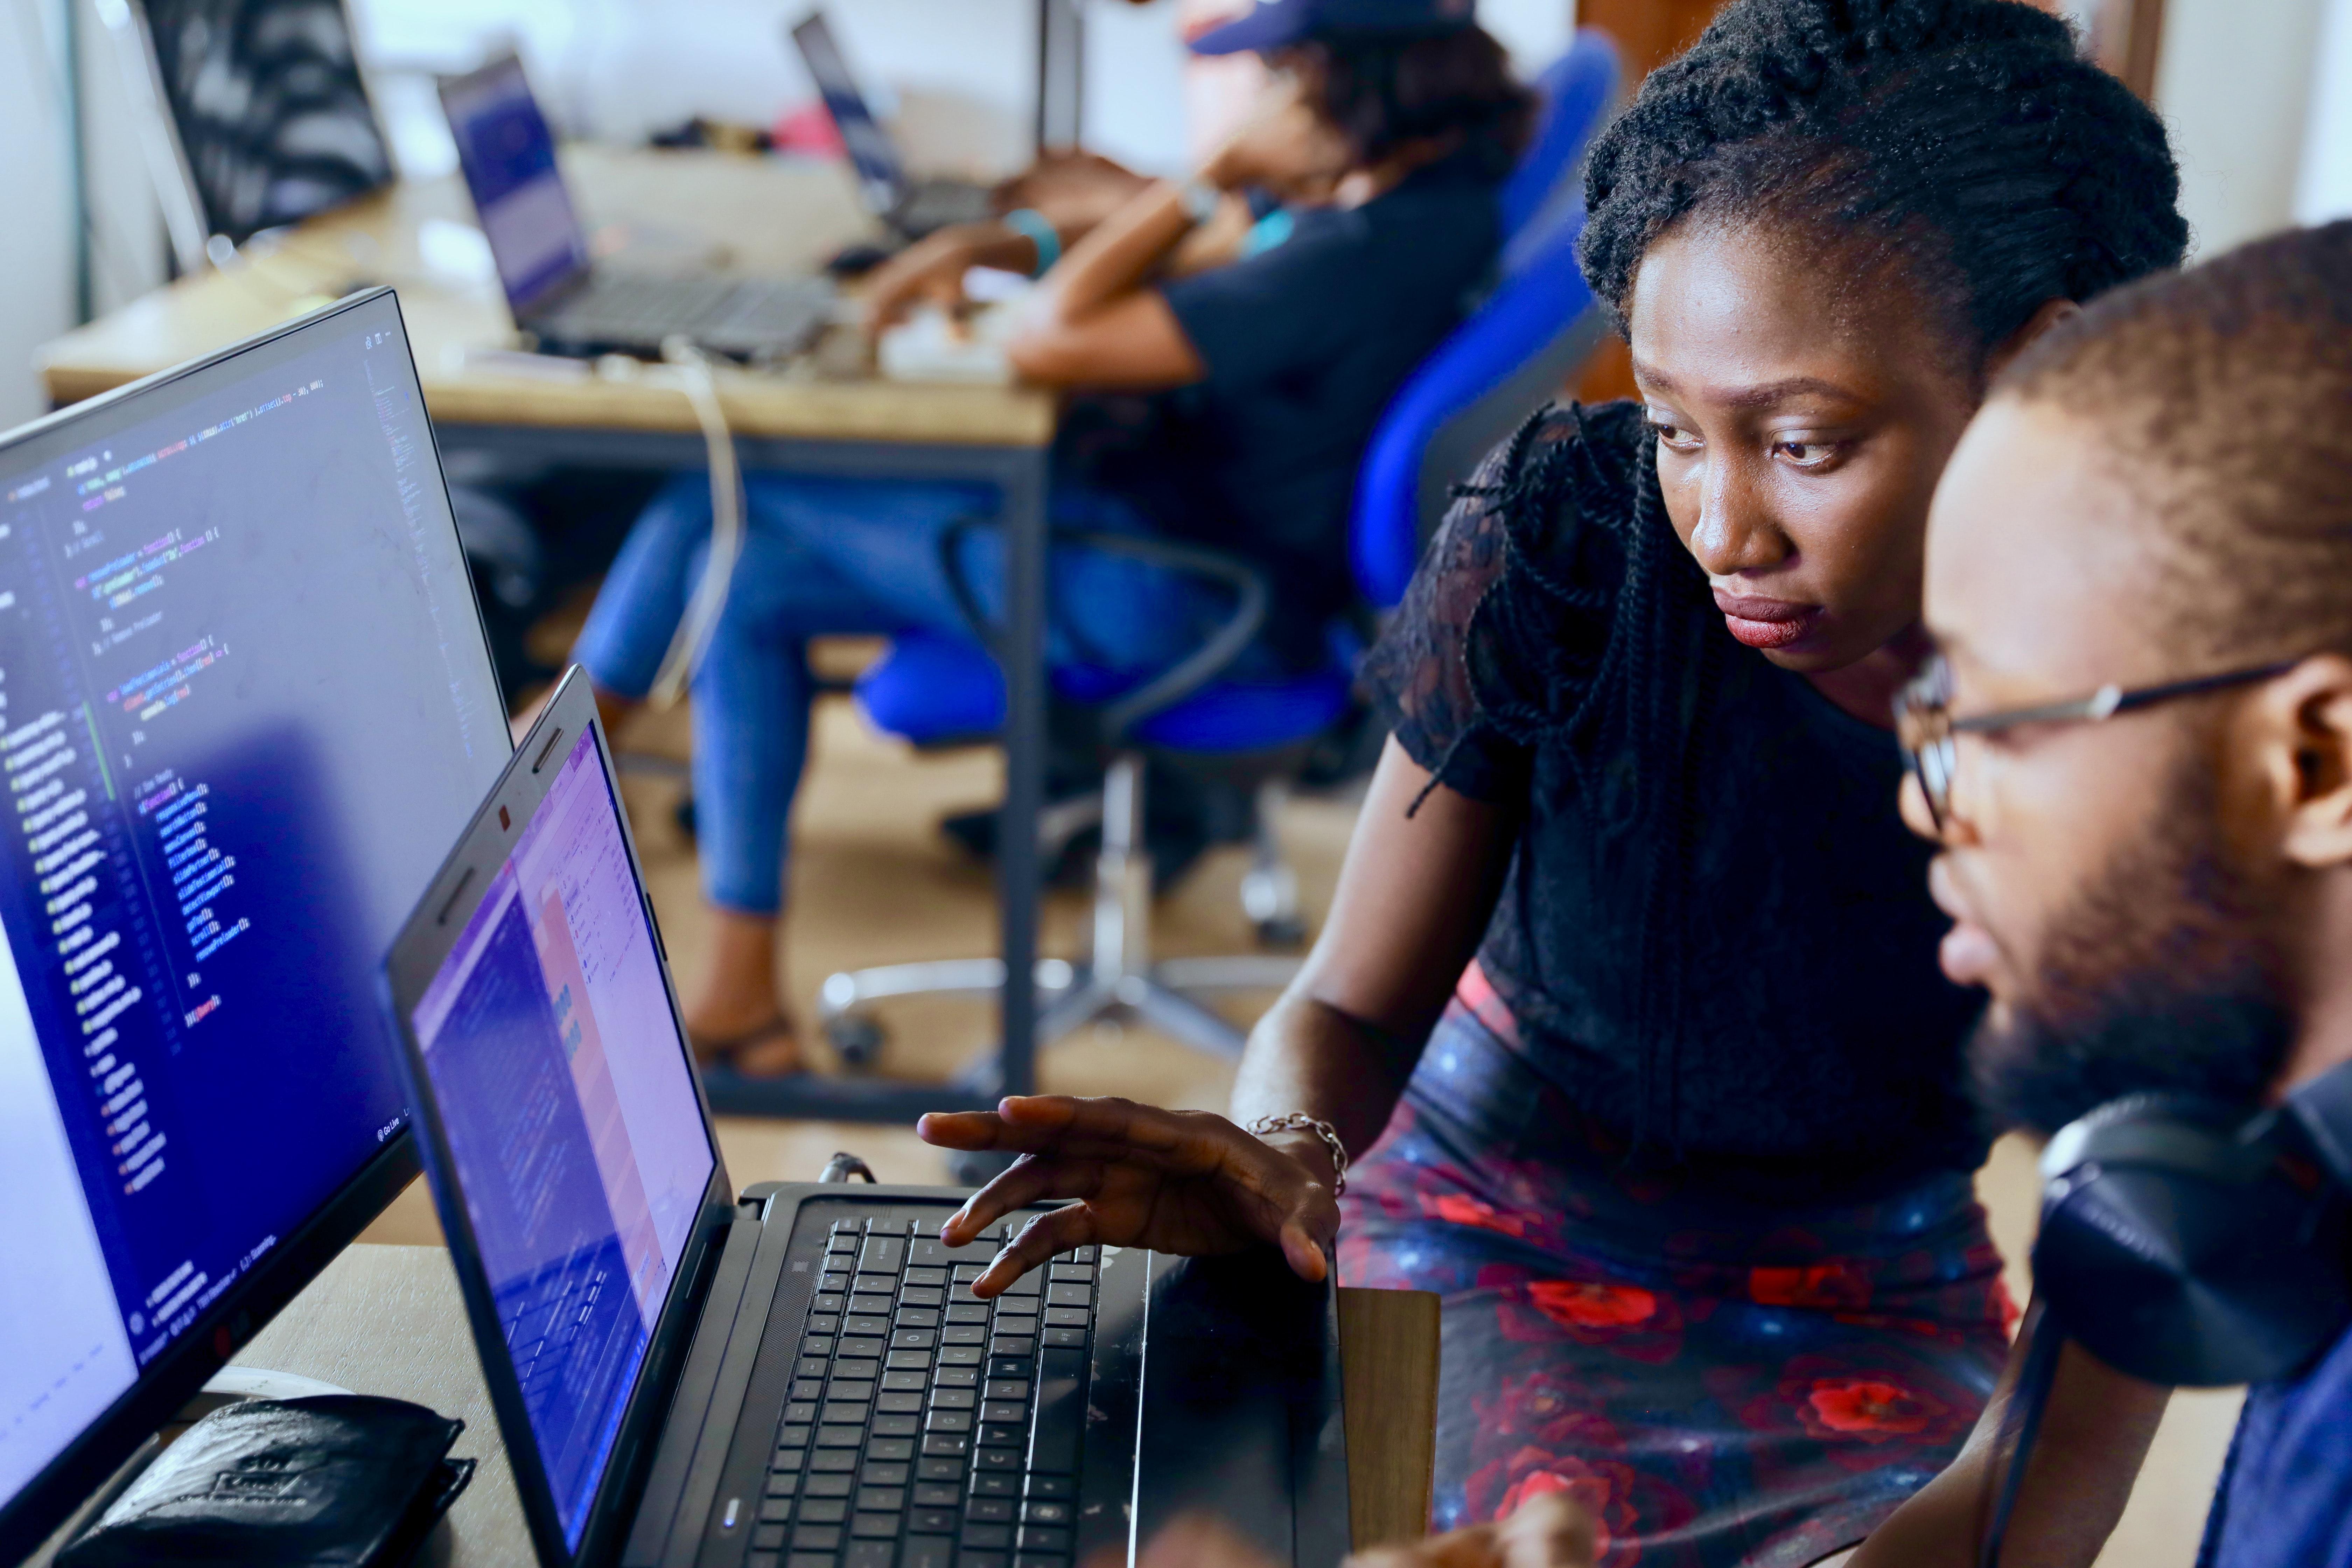 Developer explains to fellow developer in Visual Studio Code